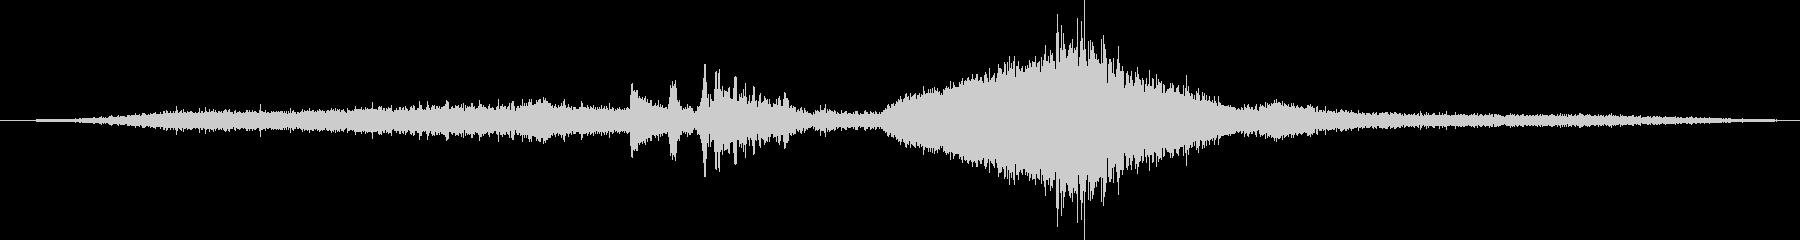 アウディA4マニュアルトランスミッ...の未再生の波形